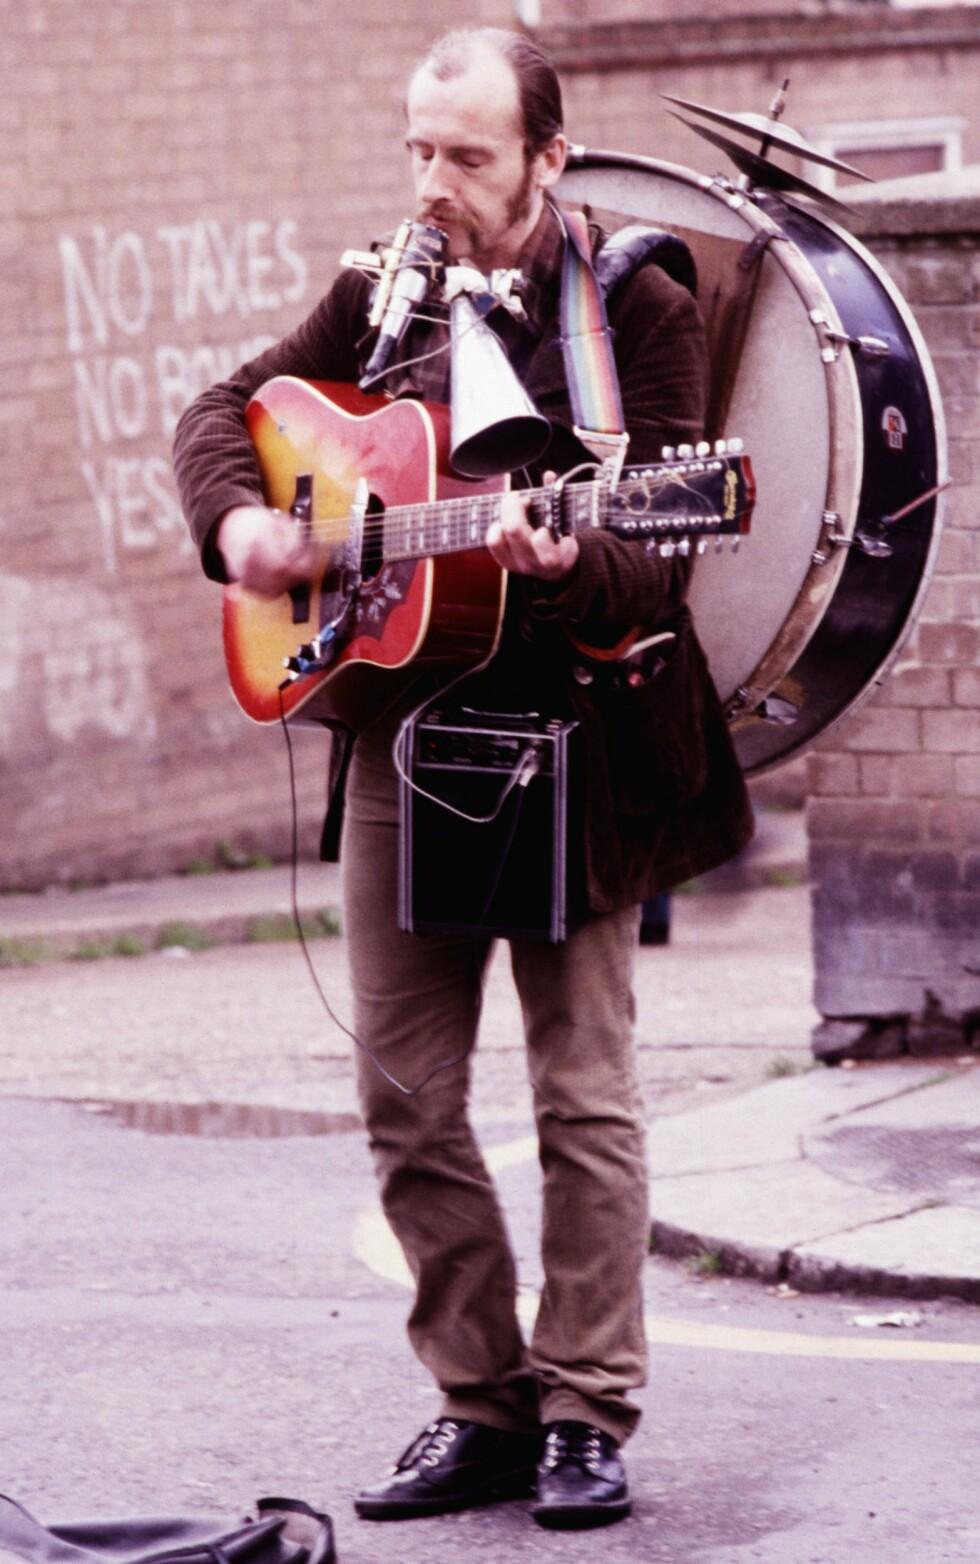 OLD TIMES: London ble besøkt første gang i 1973. Siden da er det blitt veldig mange turer og i 1980 var det stas å ta bilder av gatemusikanter i nærheten av Notting Hill. Foto: Tom Stalsberg